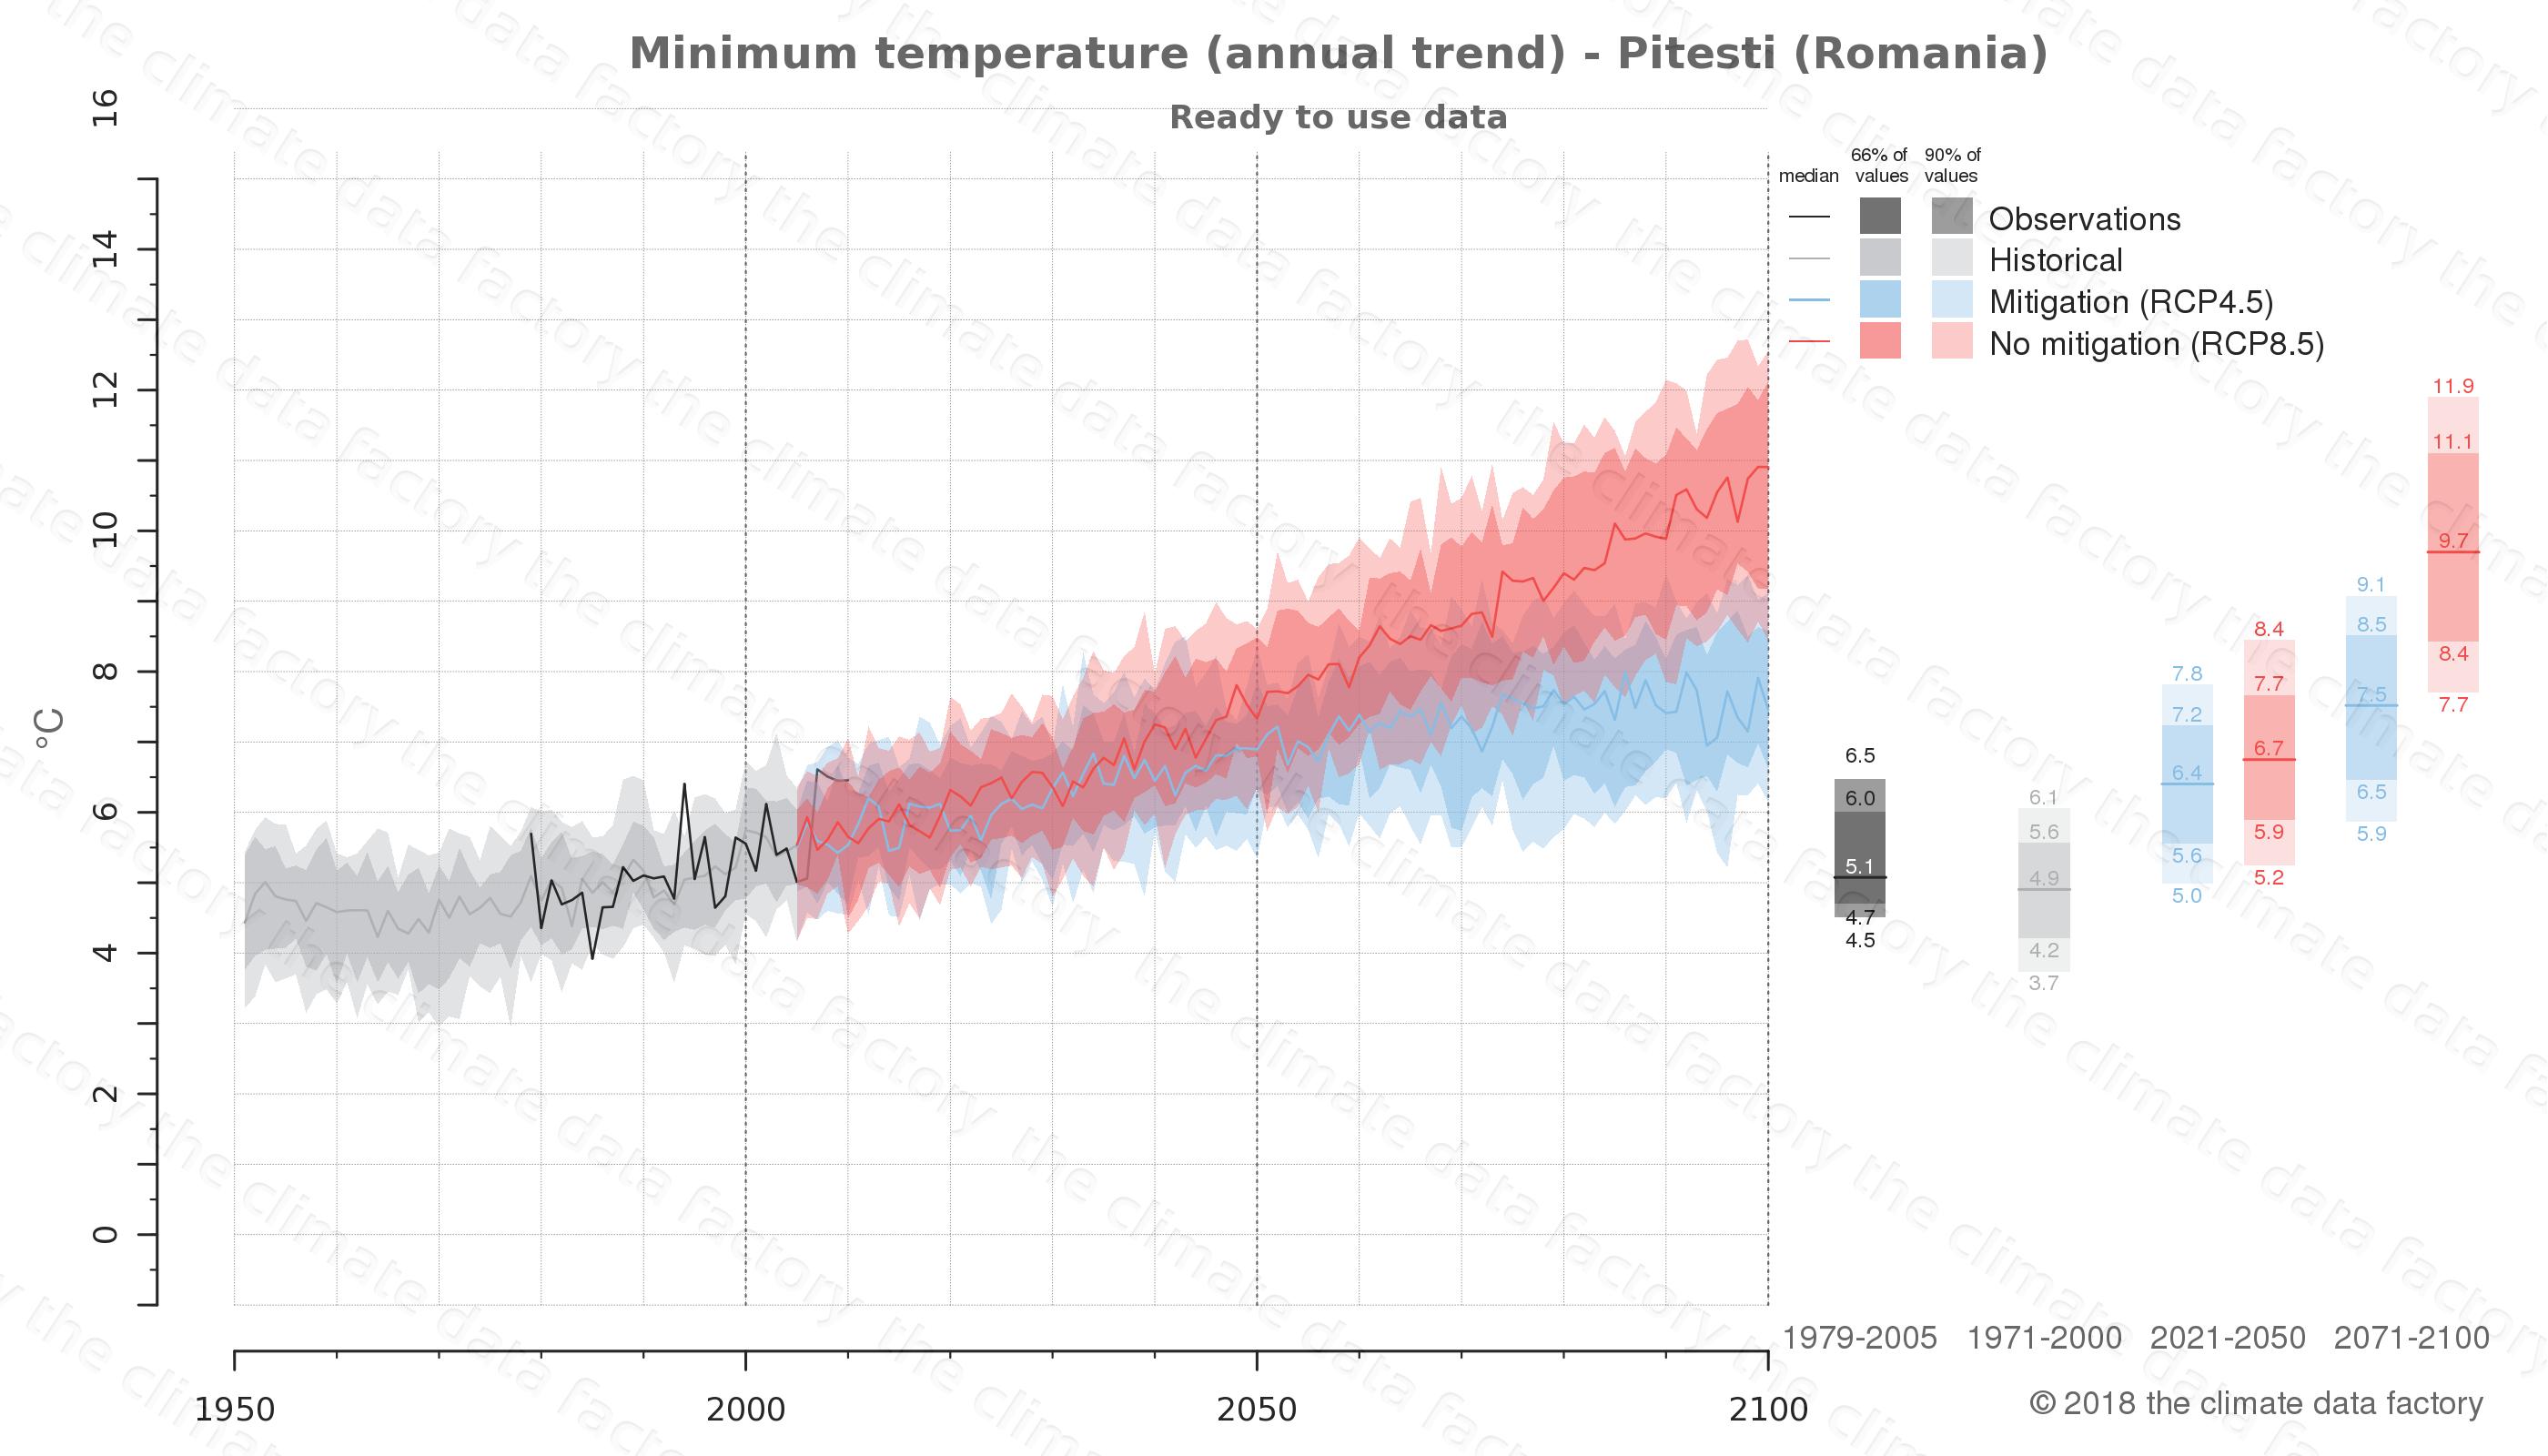 climate change data policy adaptation climate graph city data minimum-temperature pitesti romania